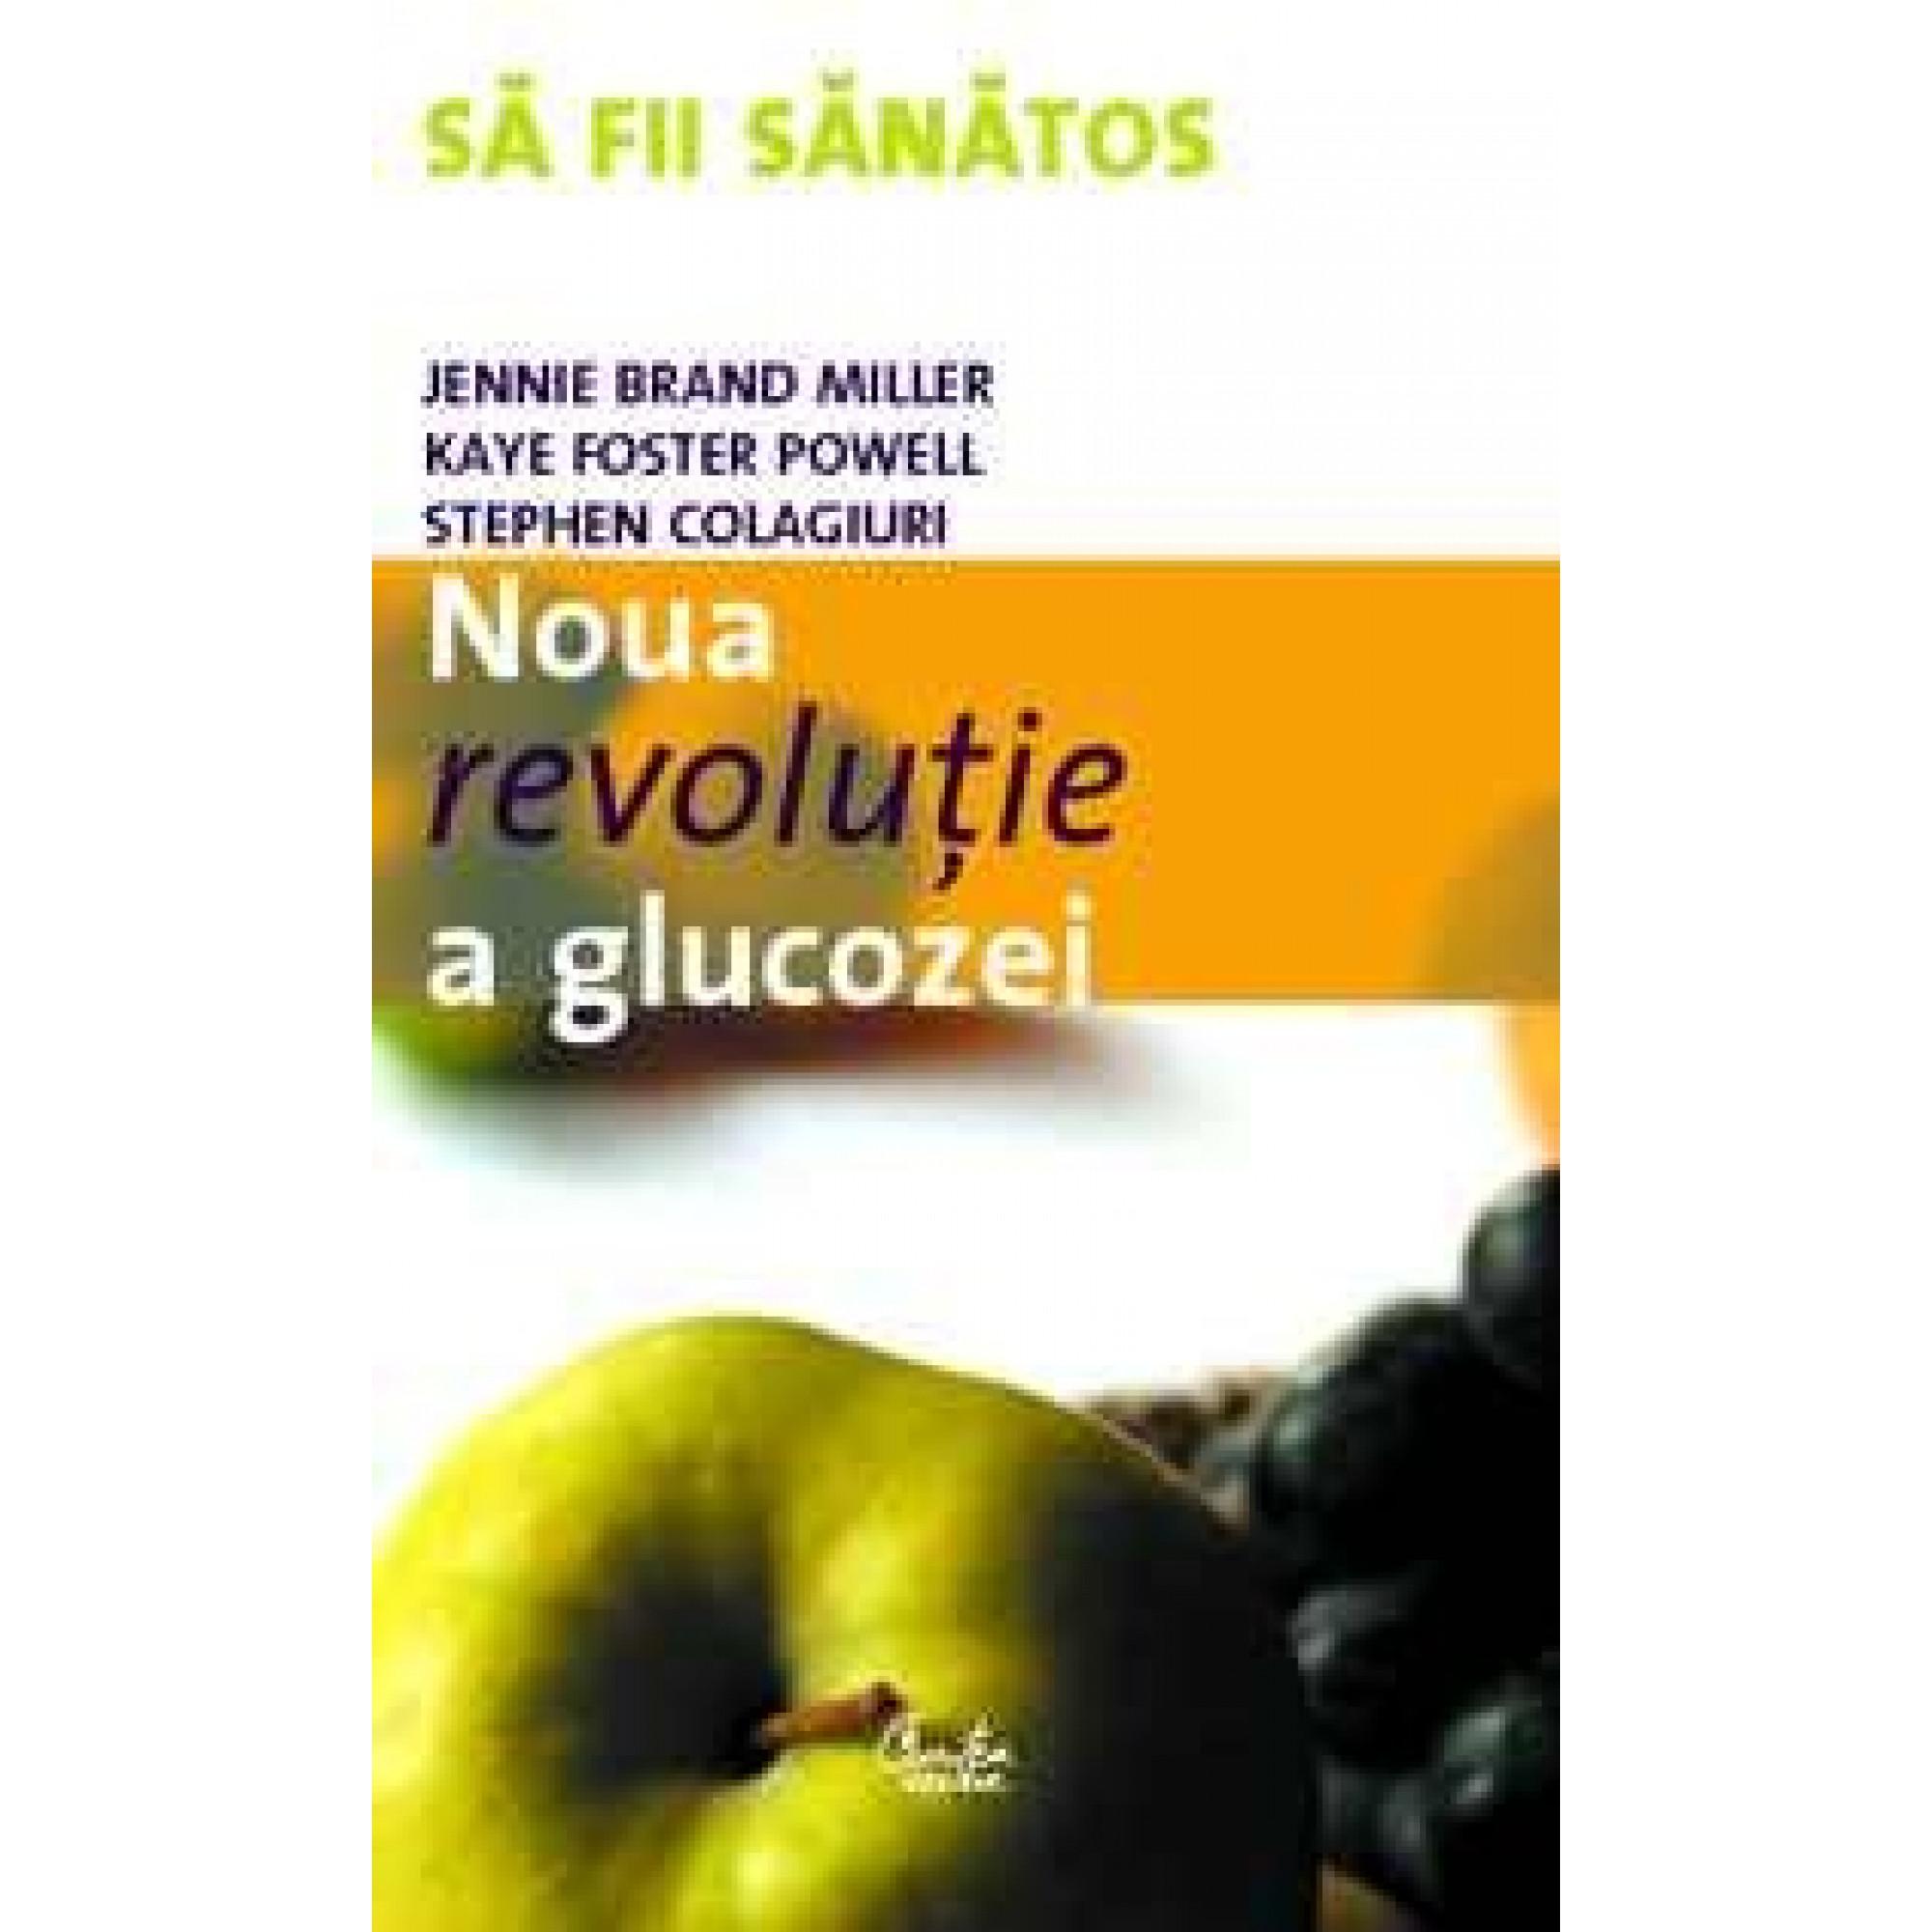 Noua revoluţie a glucozei. Indicele glicemic - o soluţie pentru sănătate ideală; Jennie Brand Miller, Kaye Foster Powell, Stephen Colagiuri